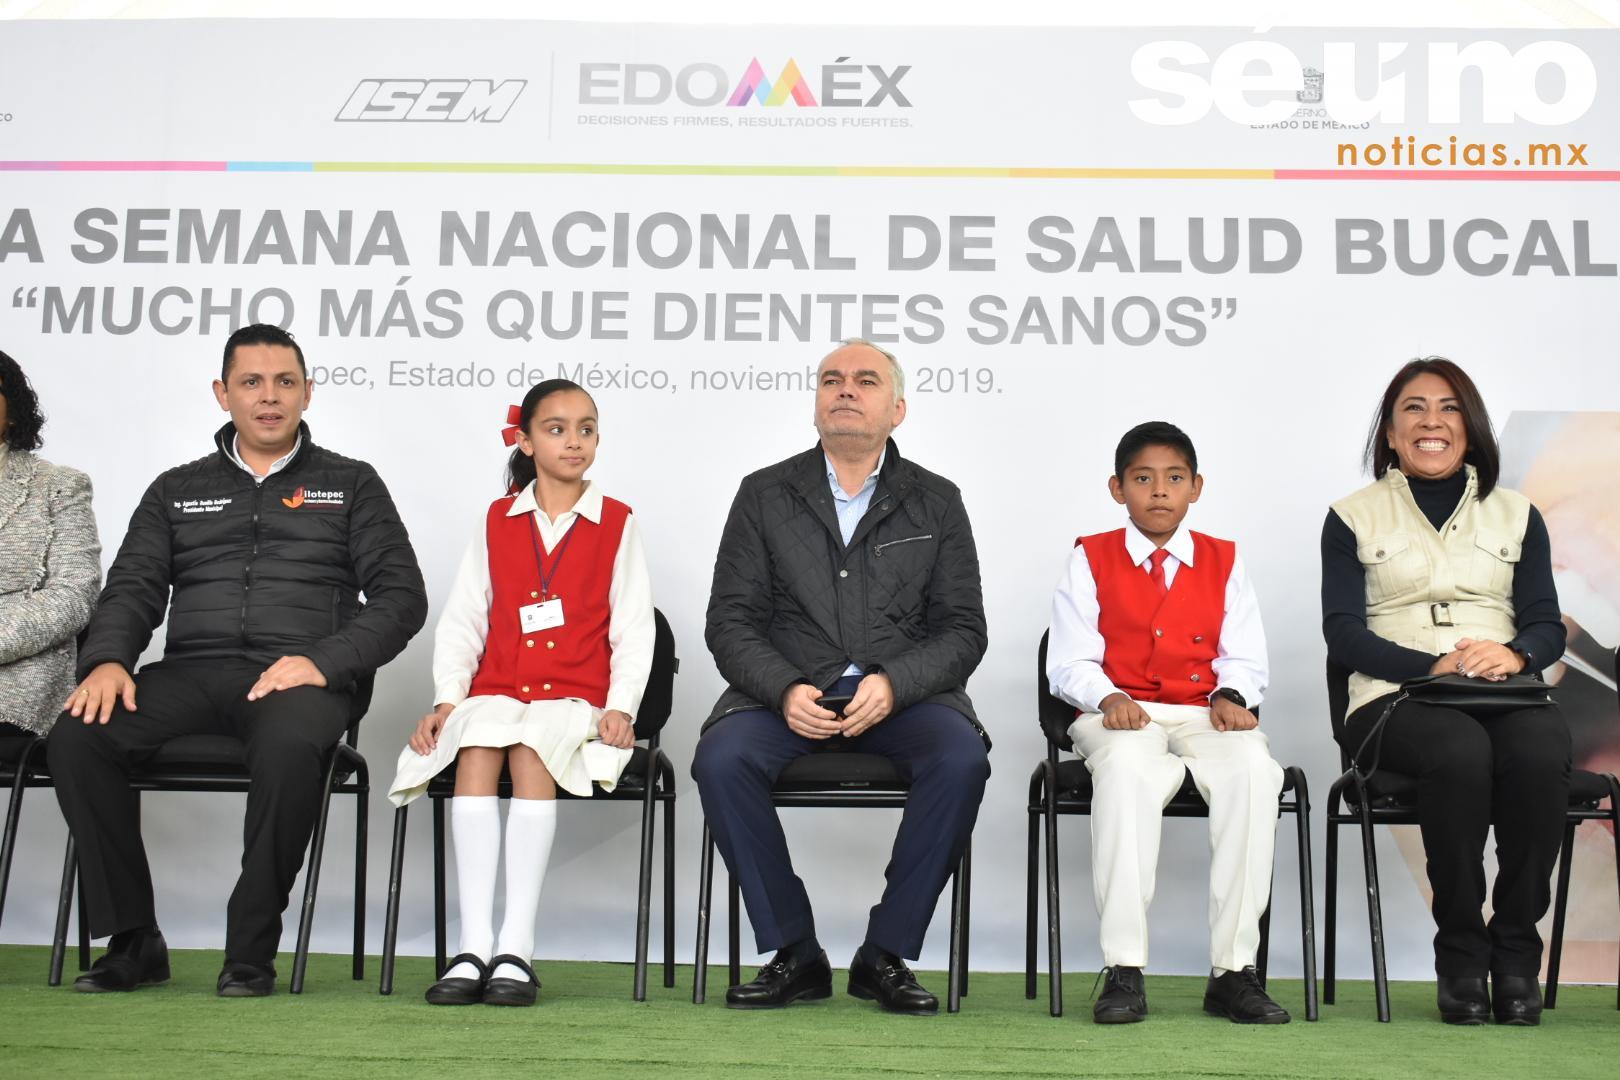 Inicia en Edoméx Segunda Semana Nacional de Salud Bucal